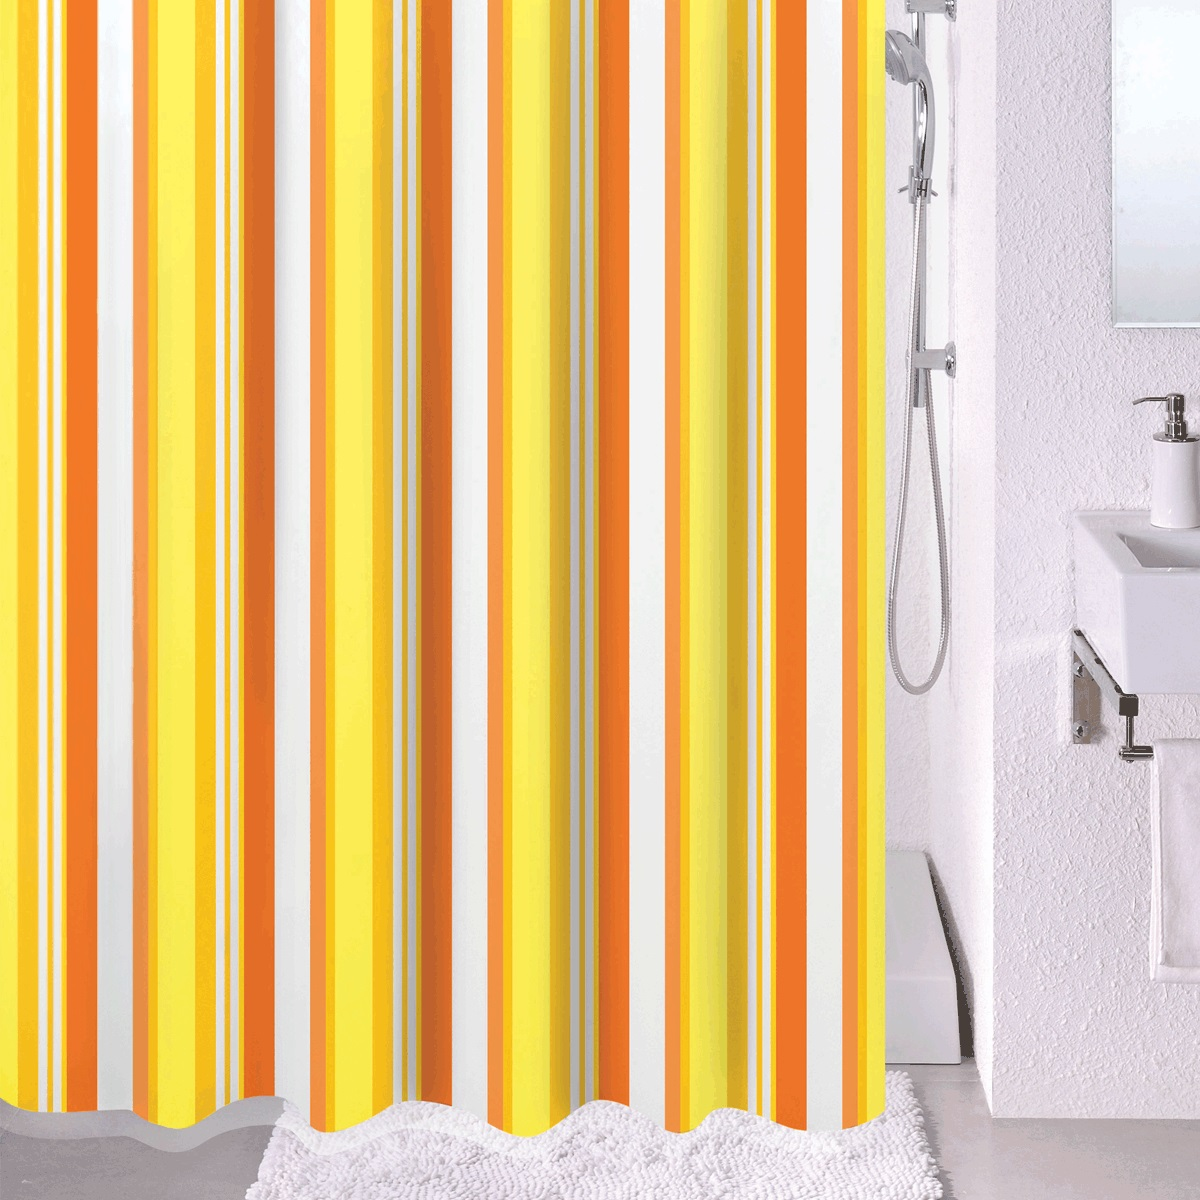 Штора для ванной Milardo Flag Stripe, цвет: белый, желтый, оранжевый, 180 x 200 см730P180M11Штора для ванной Milardo Milardo Flag Stripe, изготовленная из полиэстера - водонепроницаемого, мягкого на ощупь и прочного материала, идеально защищает ванную комнату от брызг. В верхней кромке шторы предусмотрены металлические отверстия для колец, которые входят в комплект.Штора Milardo Flag Stripe порадует вас своим ярким дизайном и добавит уюта в ванную комнату. Плотность: 90 г/м.Количество колец: 12 шт.